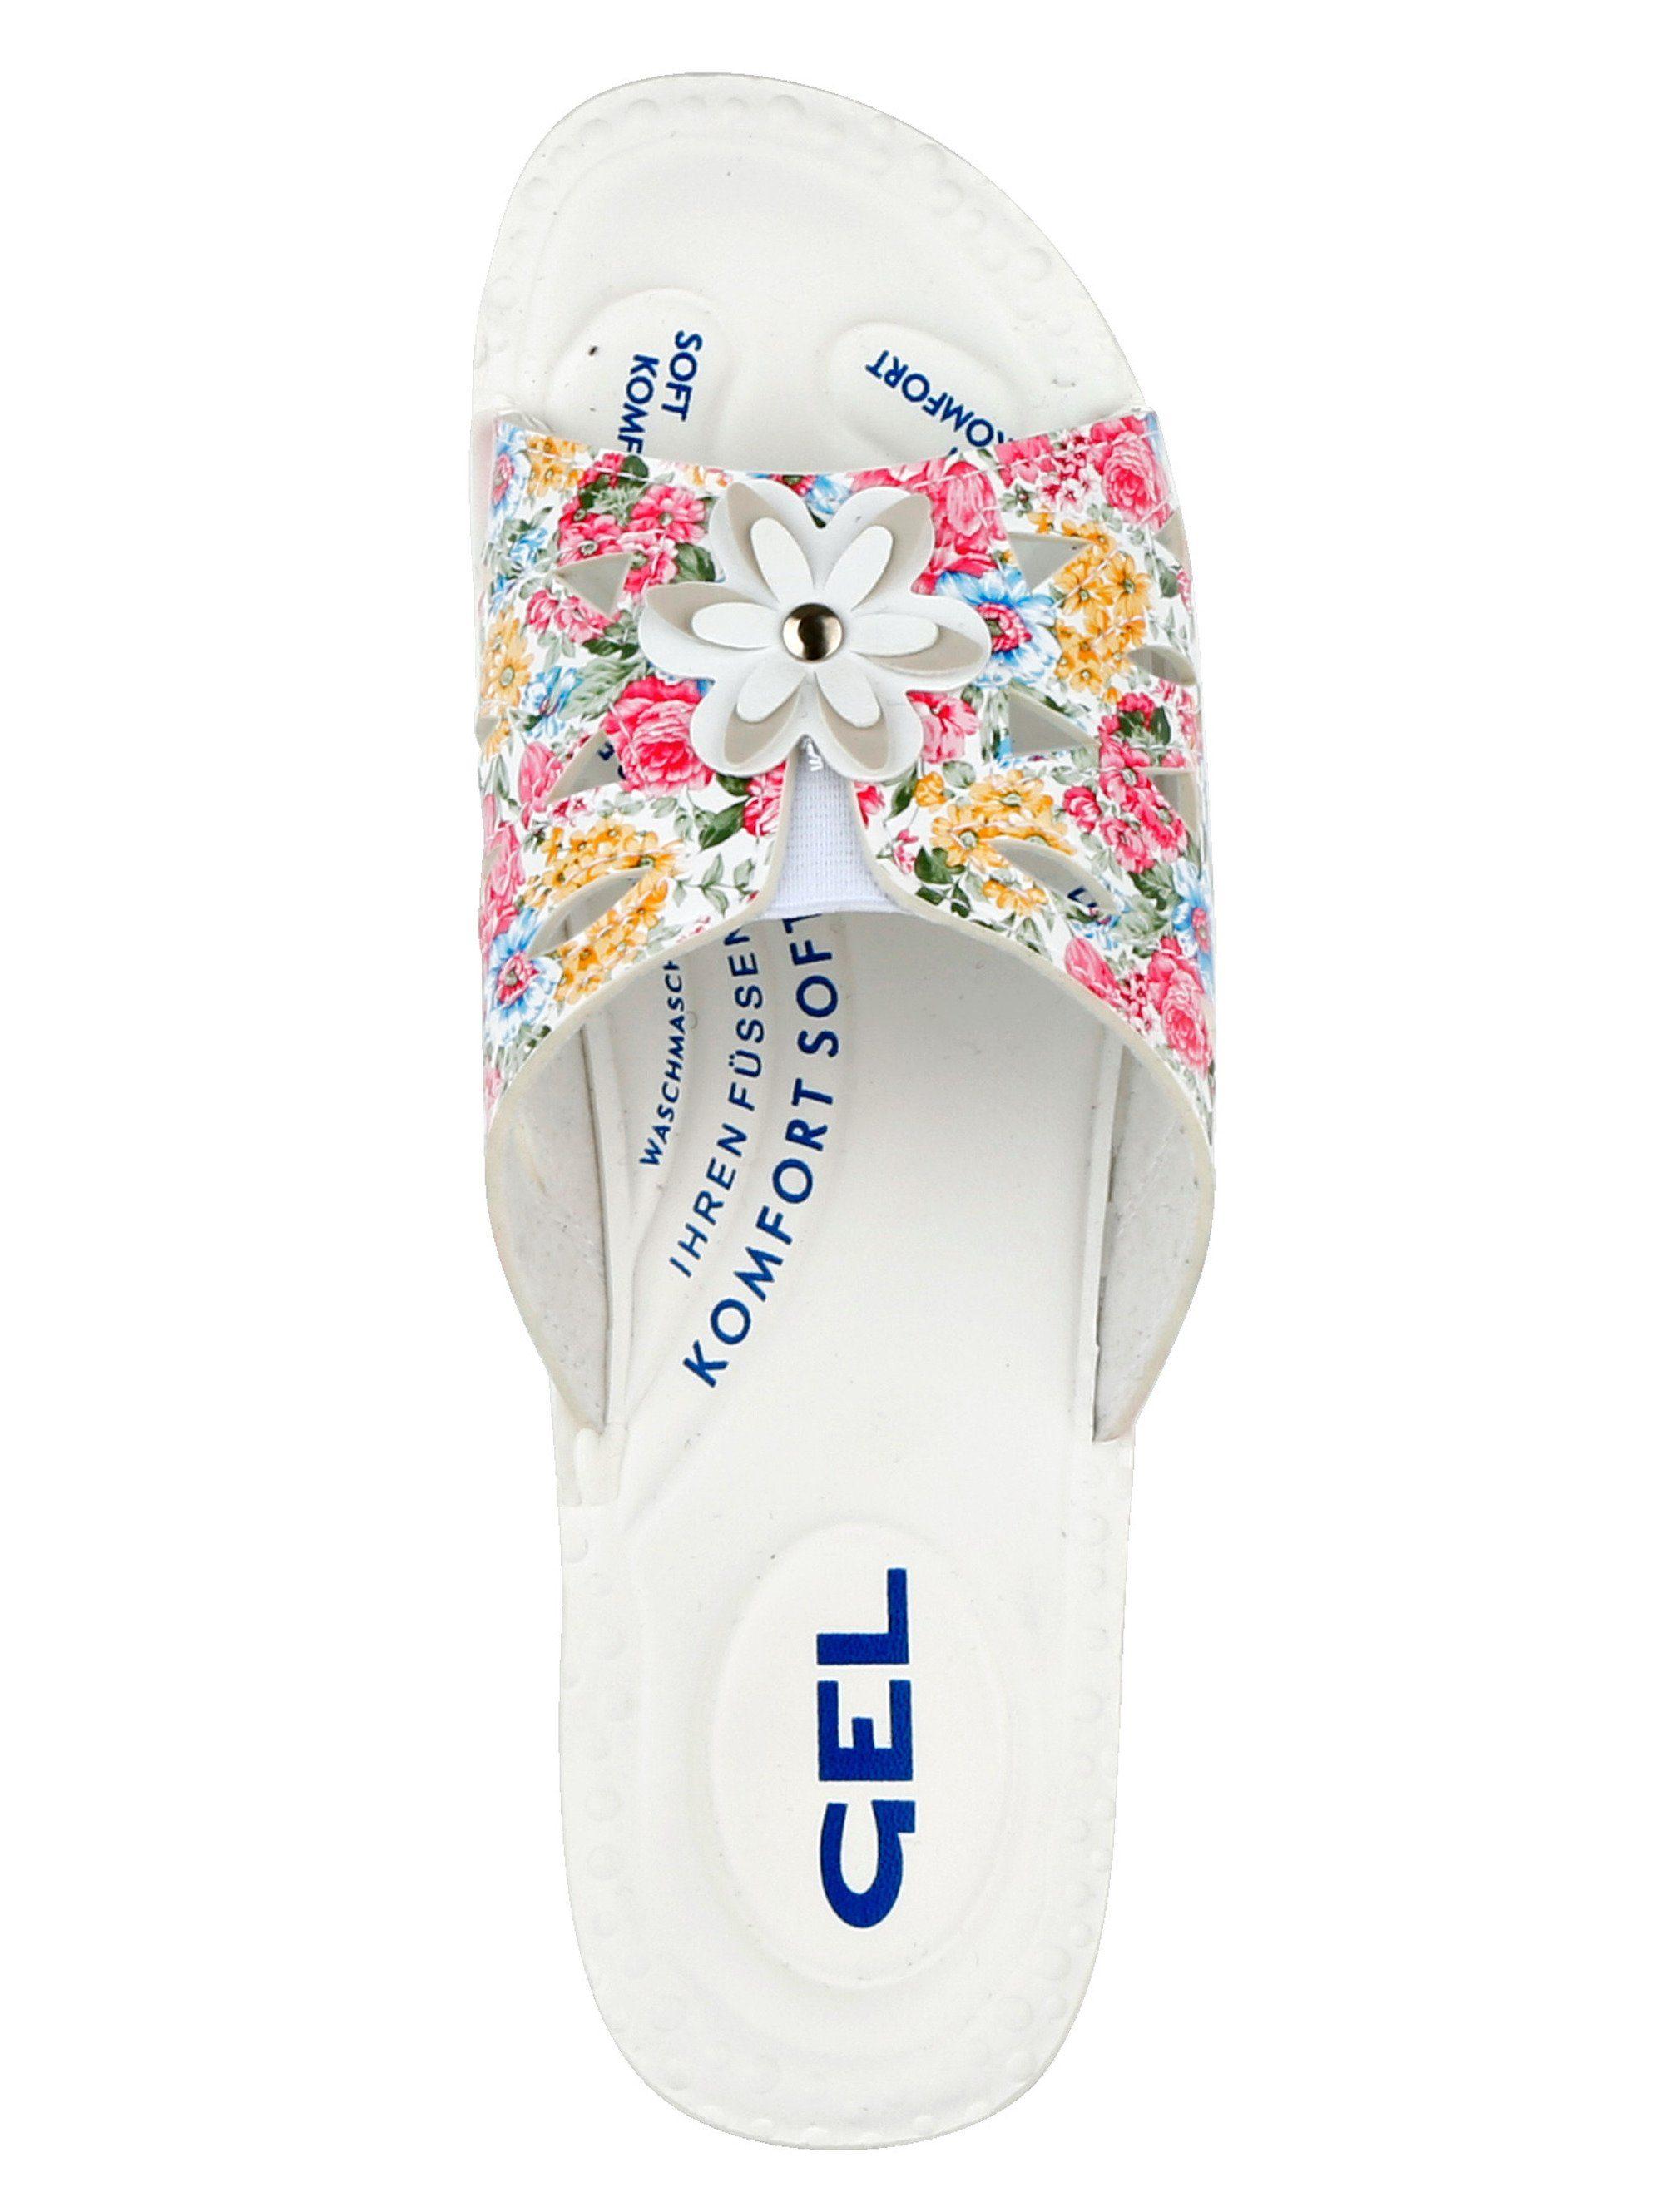 Mae&Mathilda Pantolette waschmaschinenfest kaufen  floral